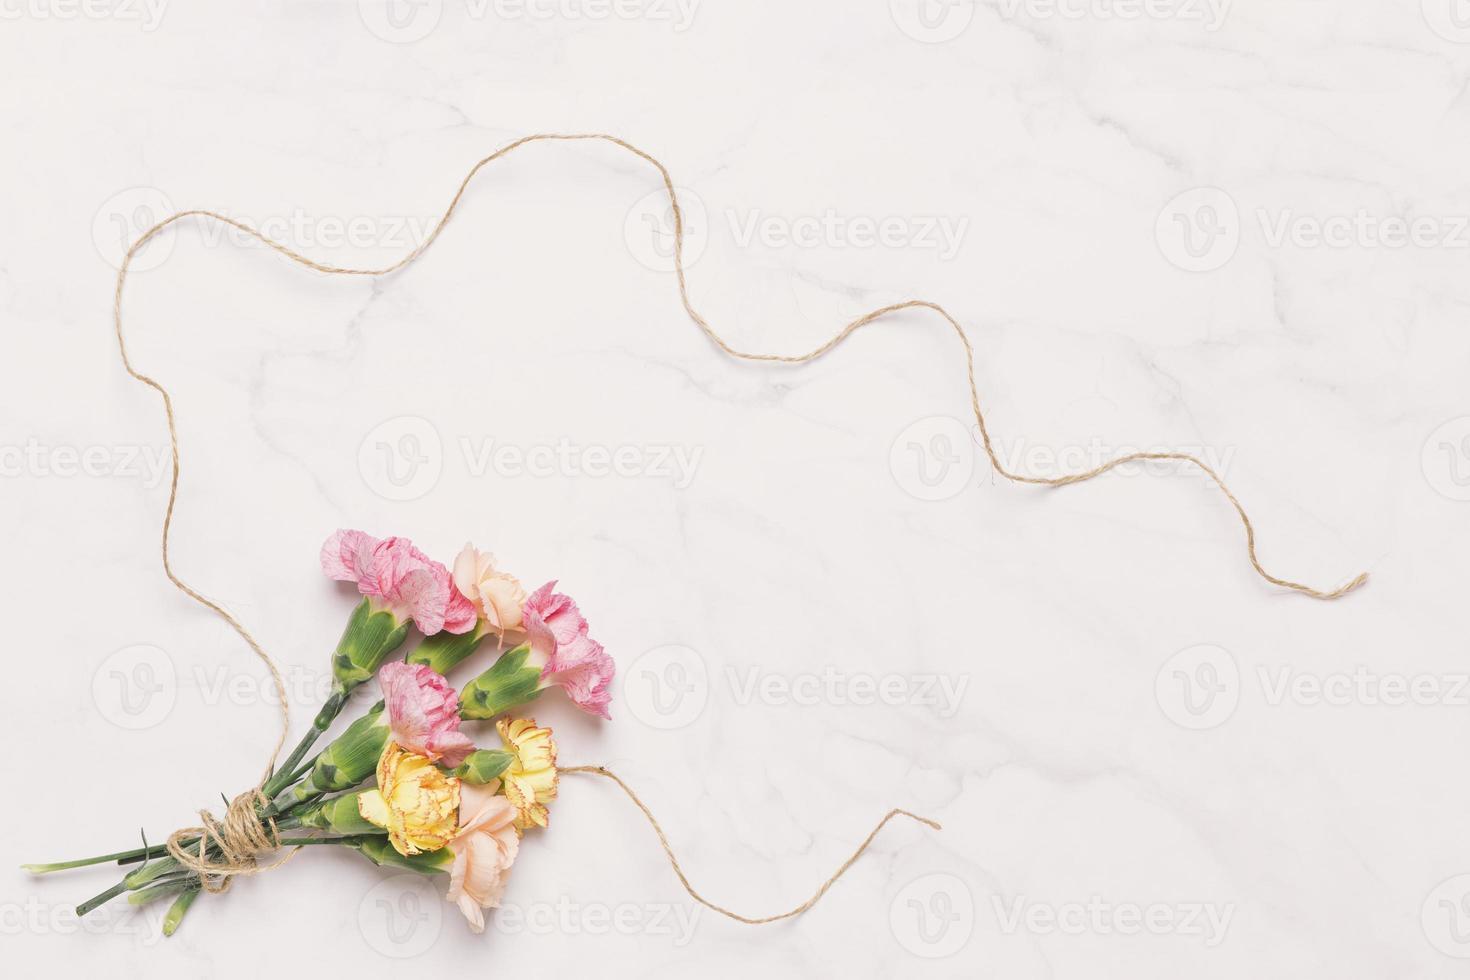 Blumen auf hellem Hintergrund foto